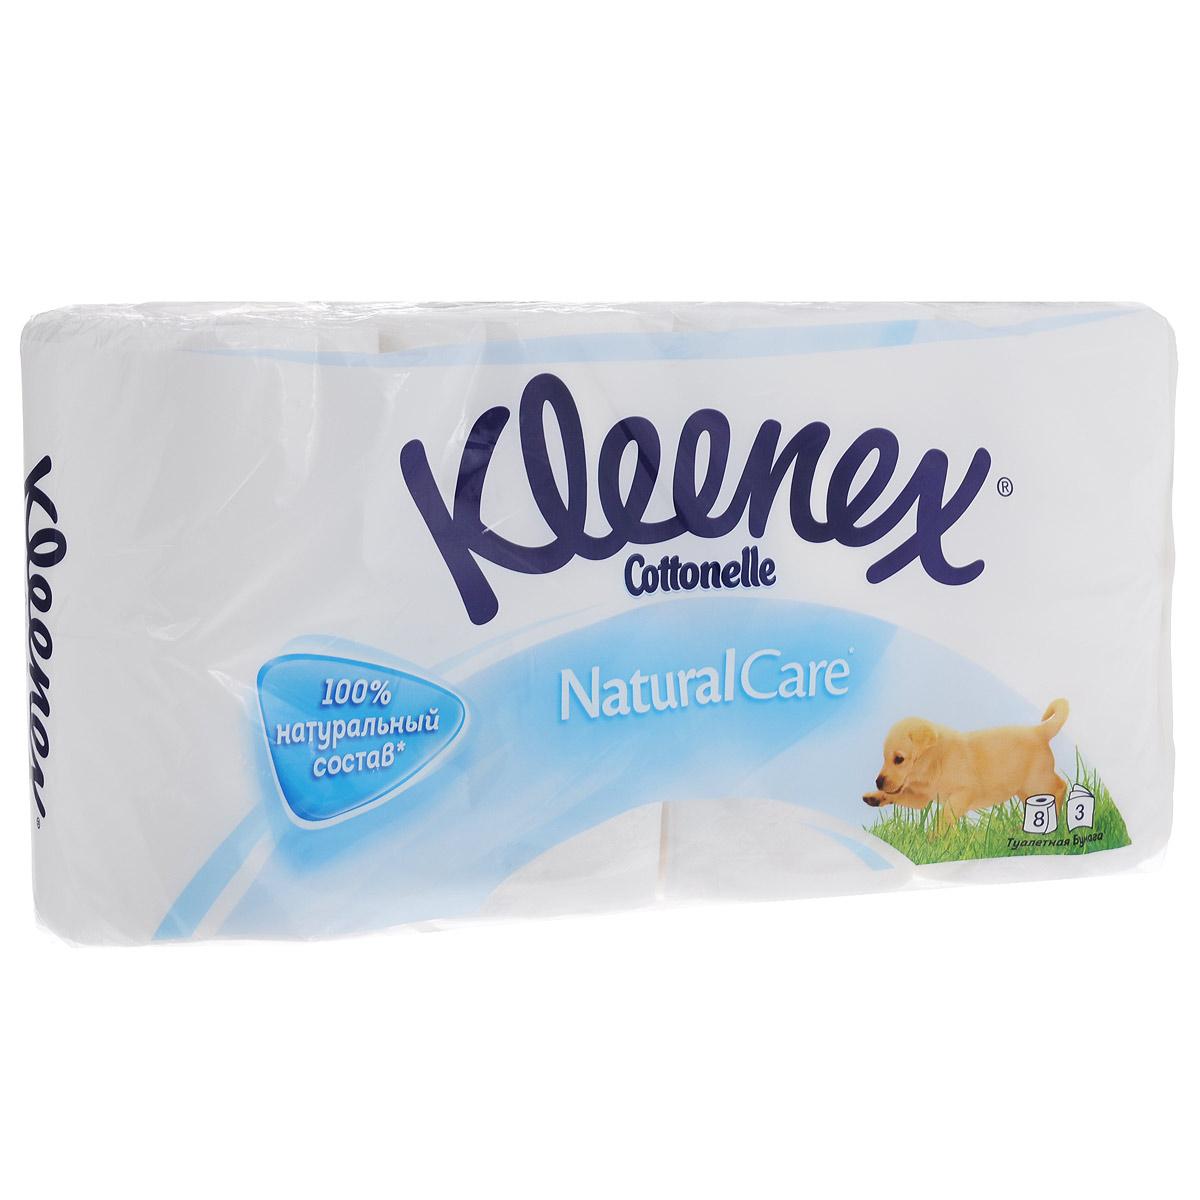 Туалетная бумага Kleenex Natural Care, трехслойная, цвет: белый, 8 рулонов010-01199-23Трехслойная туалетная бумага Kleenex Natural Care изготовлена из целлюлозы высшего качества. Мягкая, нежная, но в тоже время прочная, бумага не расслаивается и отрывается строго по линии перфорации. Оформлена тиснением.Туалетная бумага Kleenex Natural Care идеально подходит для ежедневного использования. Без ароматизаторов. Количество листов в рулоне: 155 шт. Количество слоев: 3. Размер листа: 9,6 см х 11,2 см. Состав: 100% целлюлоза.